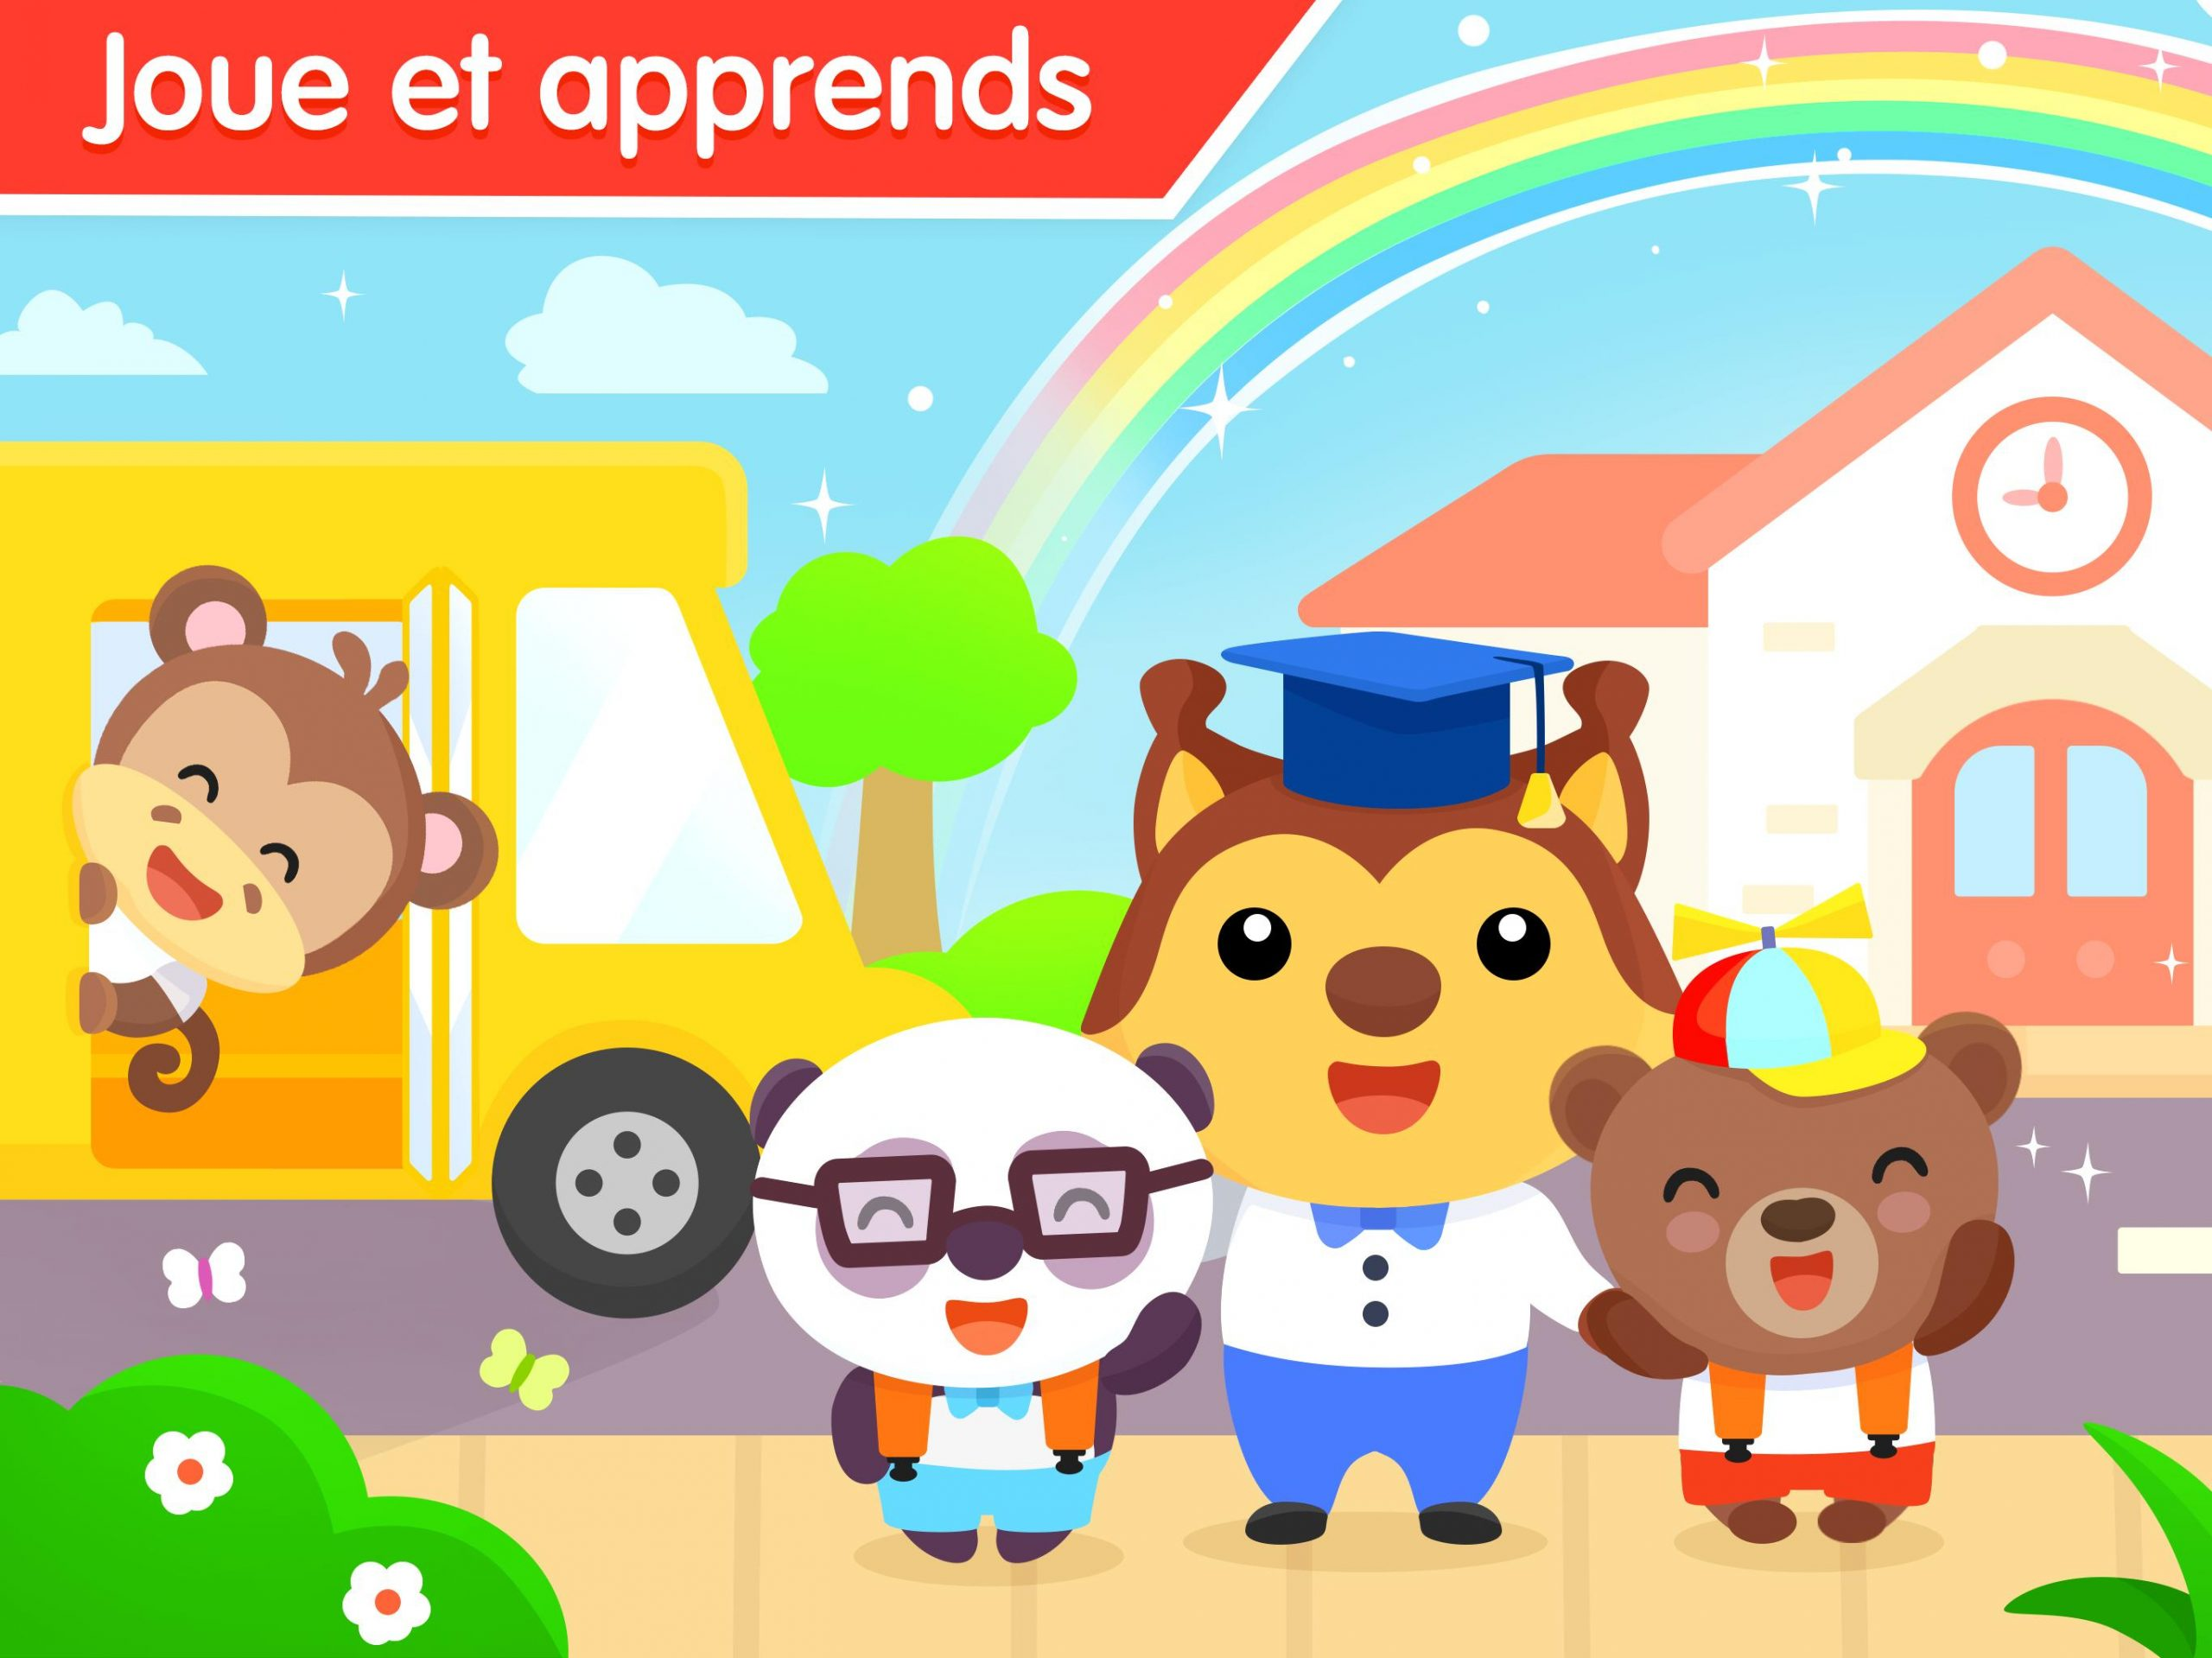 Jeux De Puzzle Pour Bebe 3 Ans - Jeu Éducatif Pour Android encequiconcerne Jeux Gratuit 3 Ans